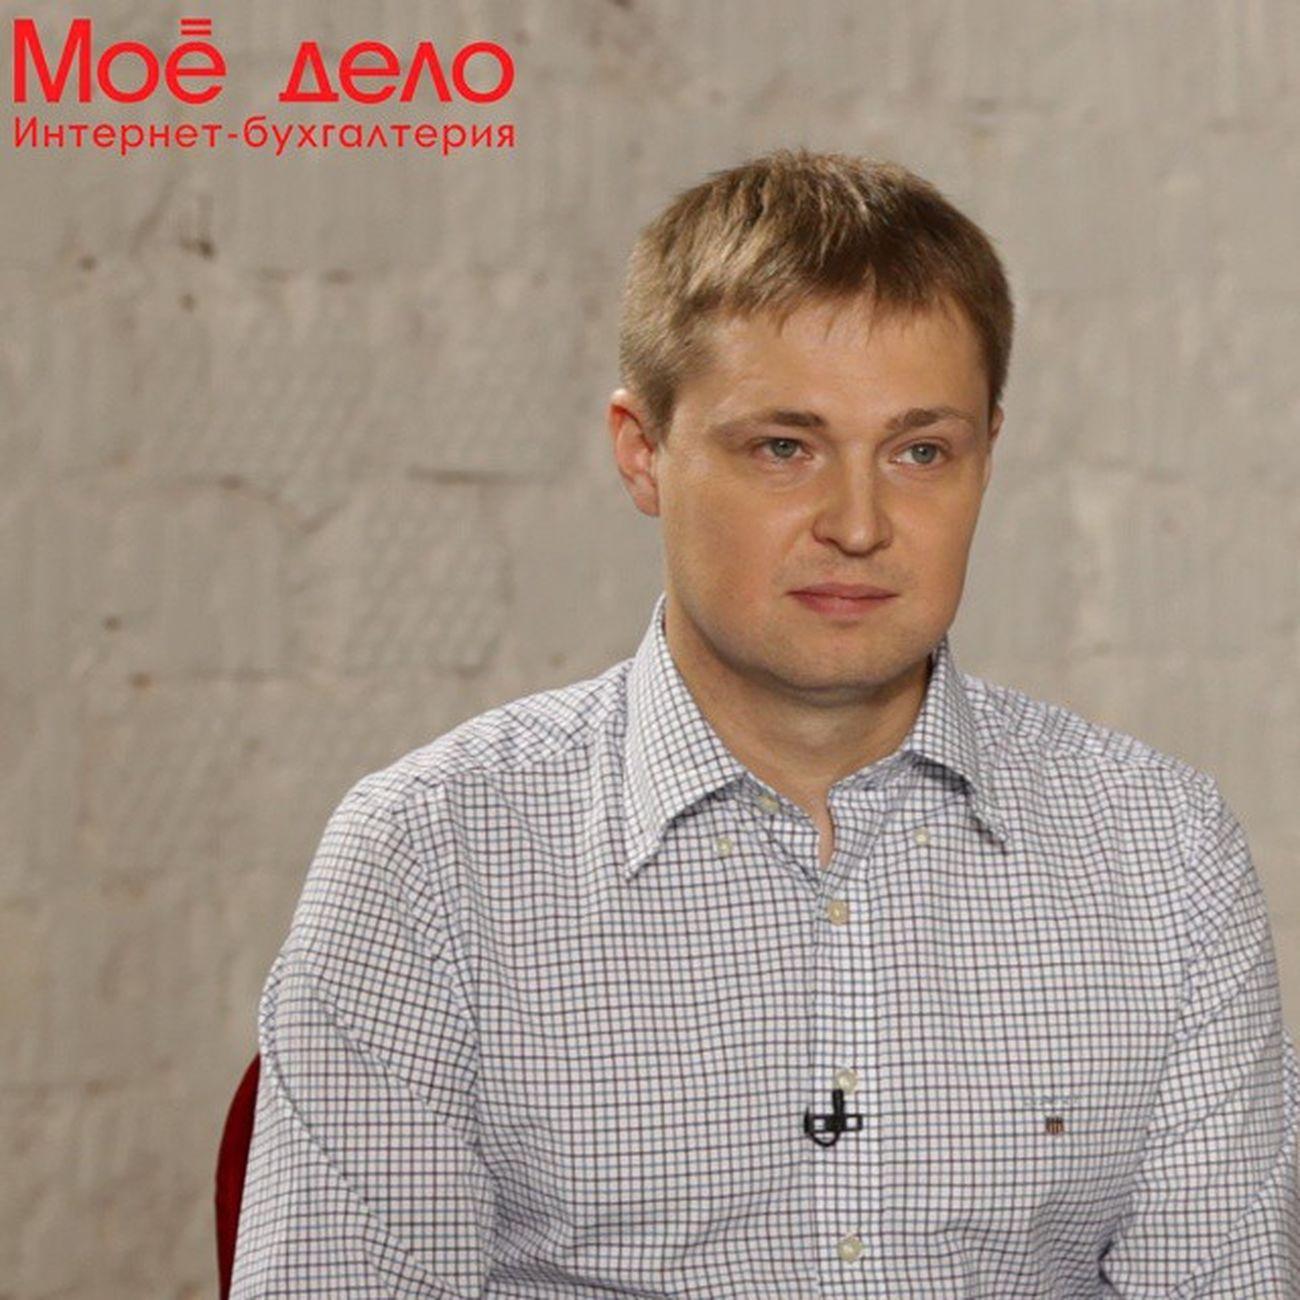 Новый гость — Юрий Кузнецов, основатель сервиса «Суточно.ру» — Airbnb по российскому внутреннему туризму. Через сервис происходит около 5000 бронирований в день. Оборот превысил 1 млн долларов в год. Платят те арендодатели, которые хотят, чтобы их объявление стояло выше. Юрий рассказал много интересного про рынок суточной сдачи жилья: http://www.moedelo.org/journal/yury-kuznetsov/ Россия Москва бизнес моёдело @moedelo_org